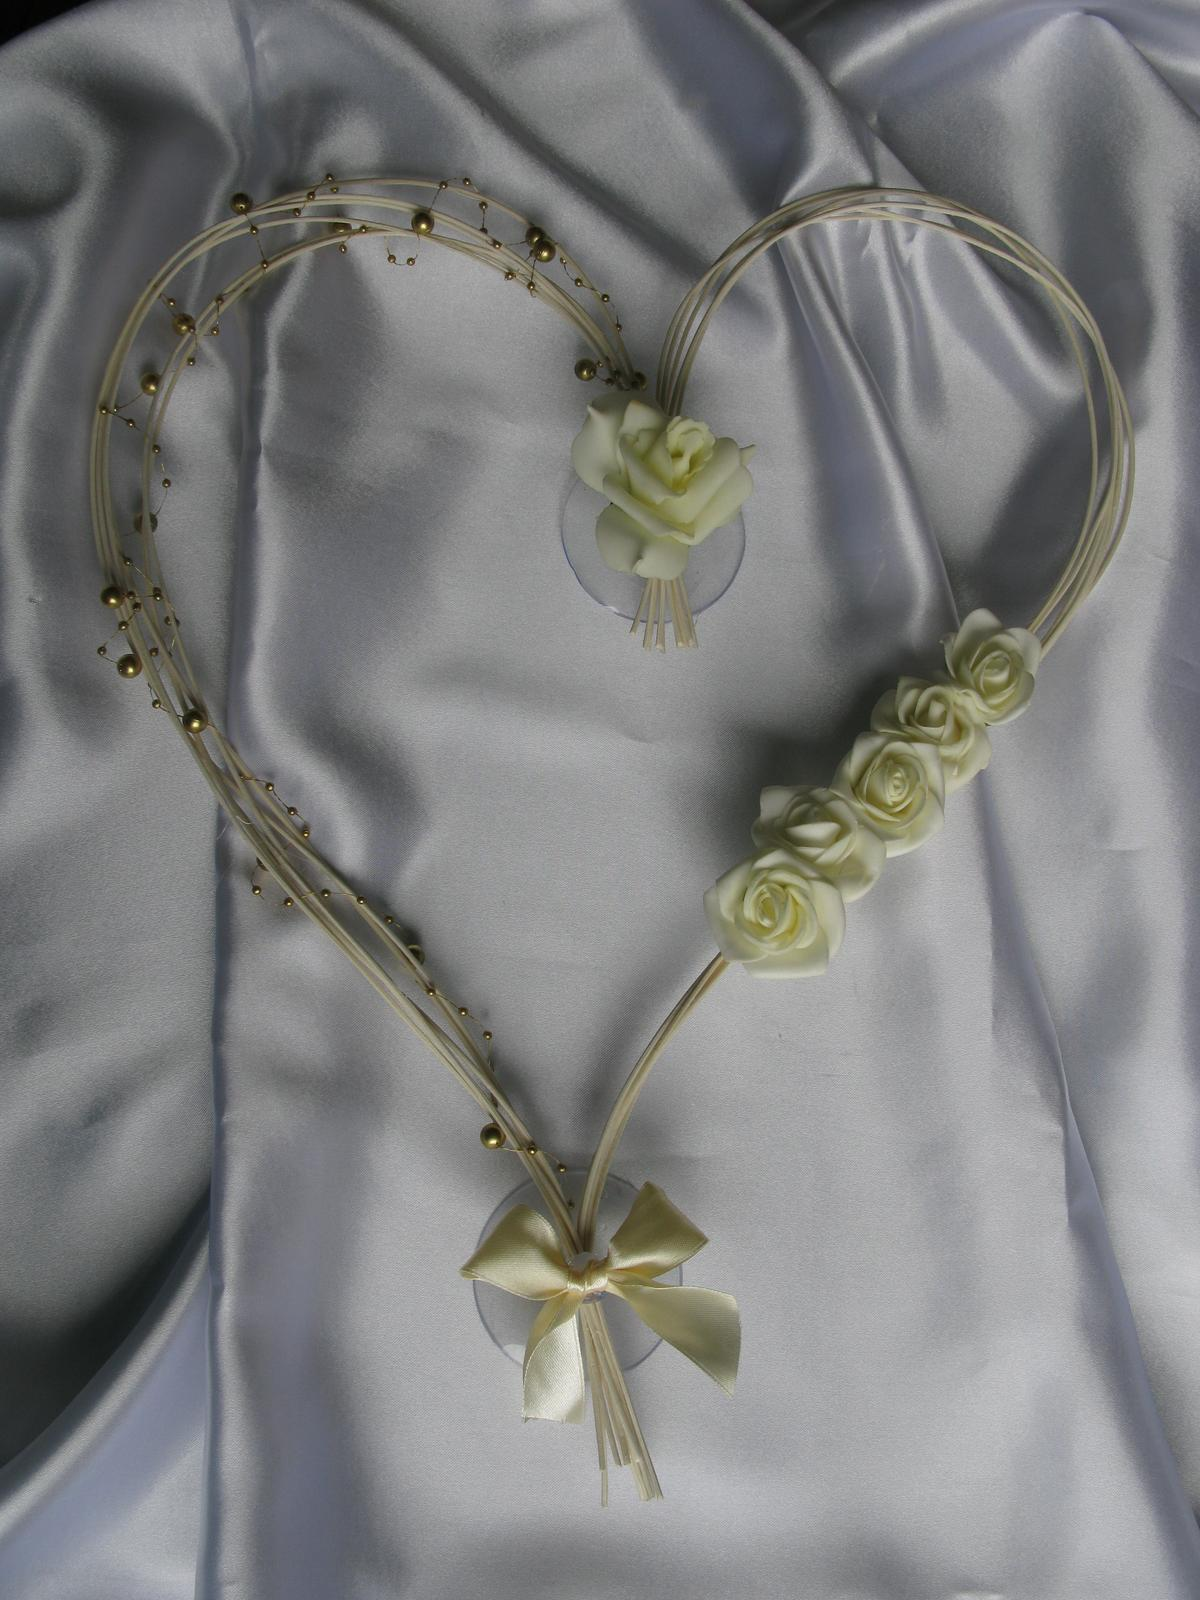 Pedigové srdce - Obrázek č. 1